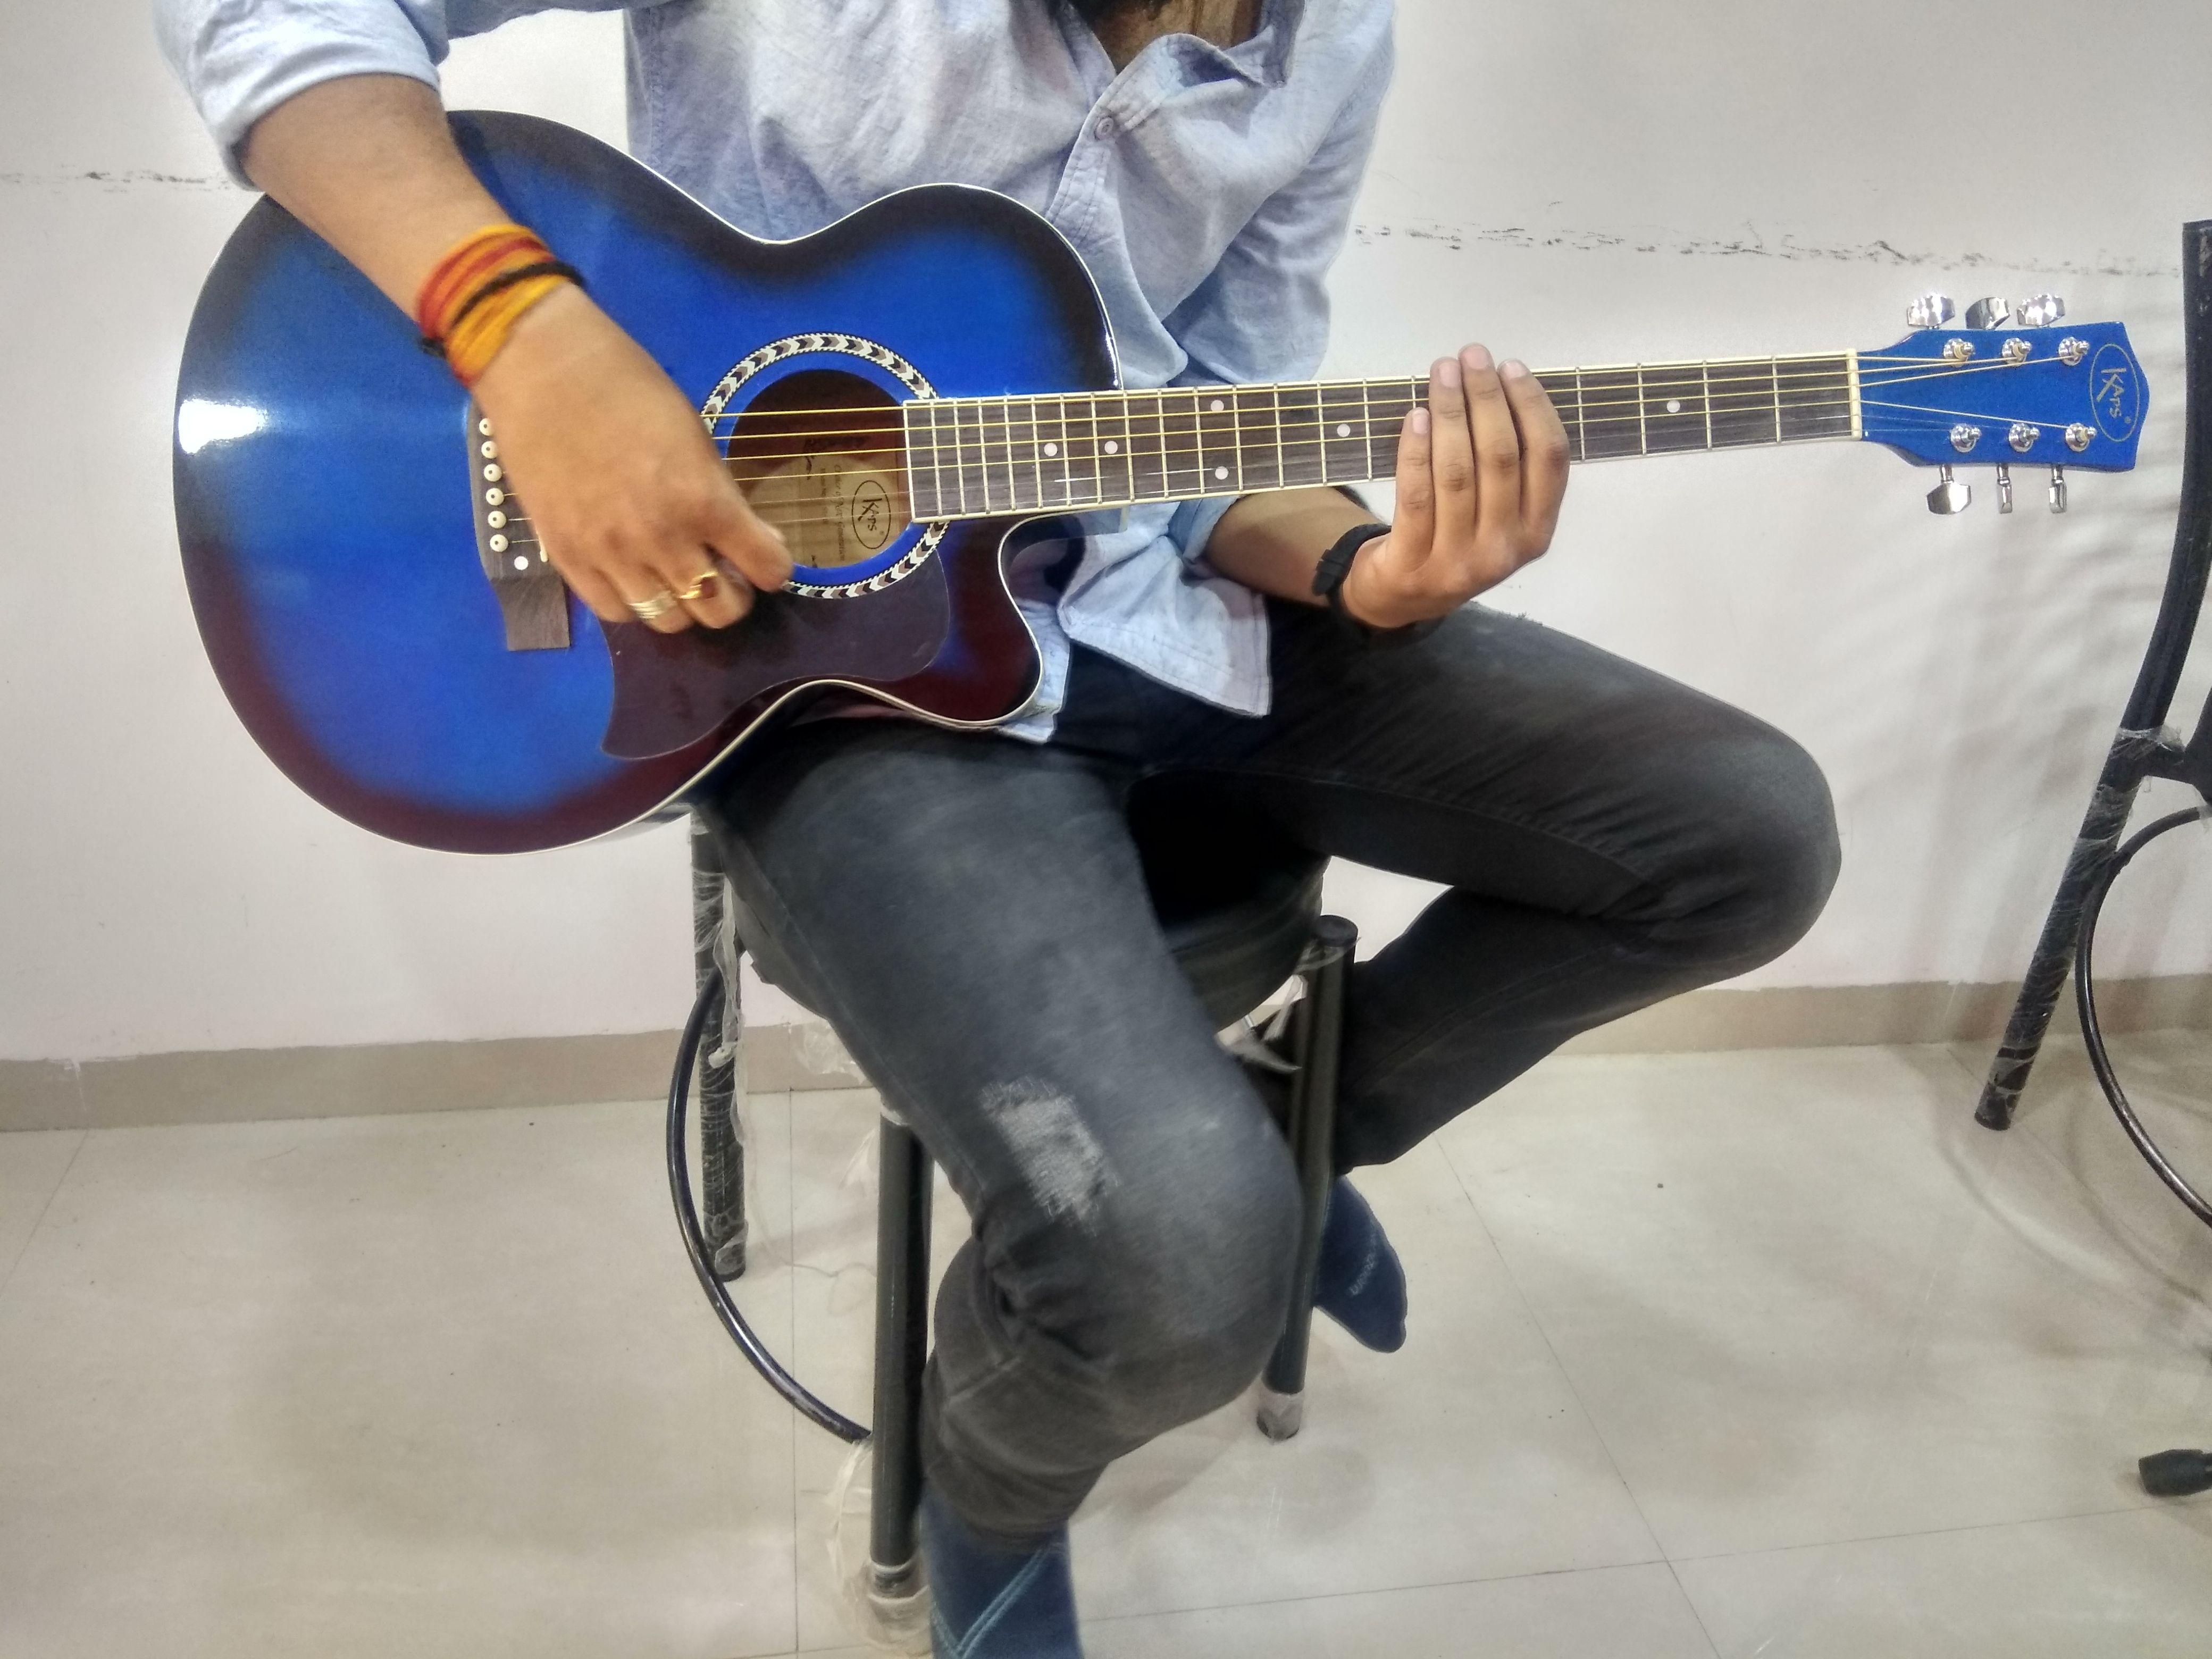 Kaps Acoustic Guitar St 1r New Model For Beginners Semi Acoustic Guitar Acoustic Guitar Guitar